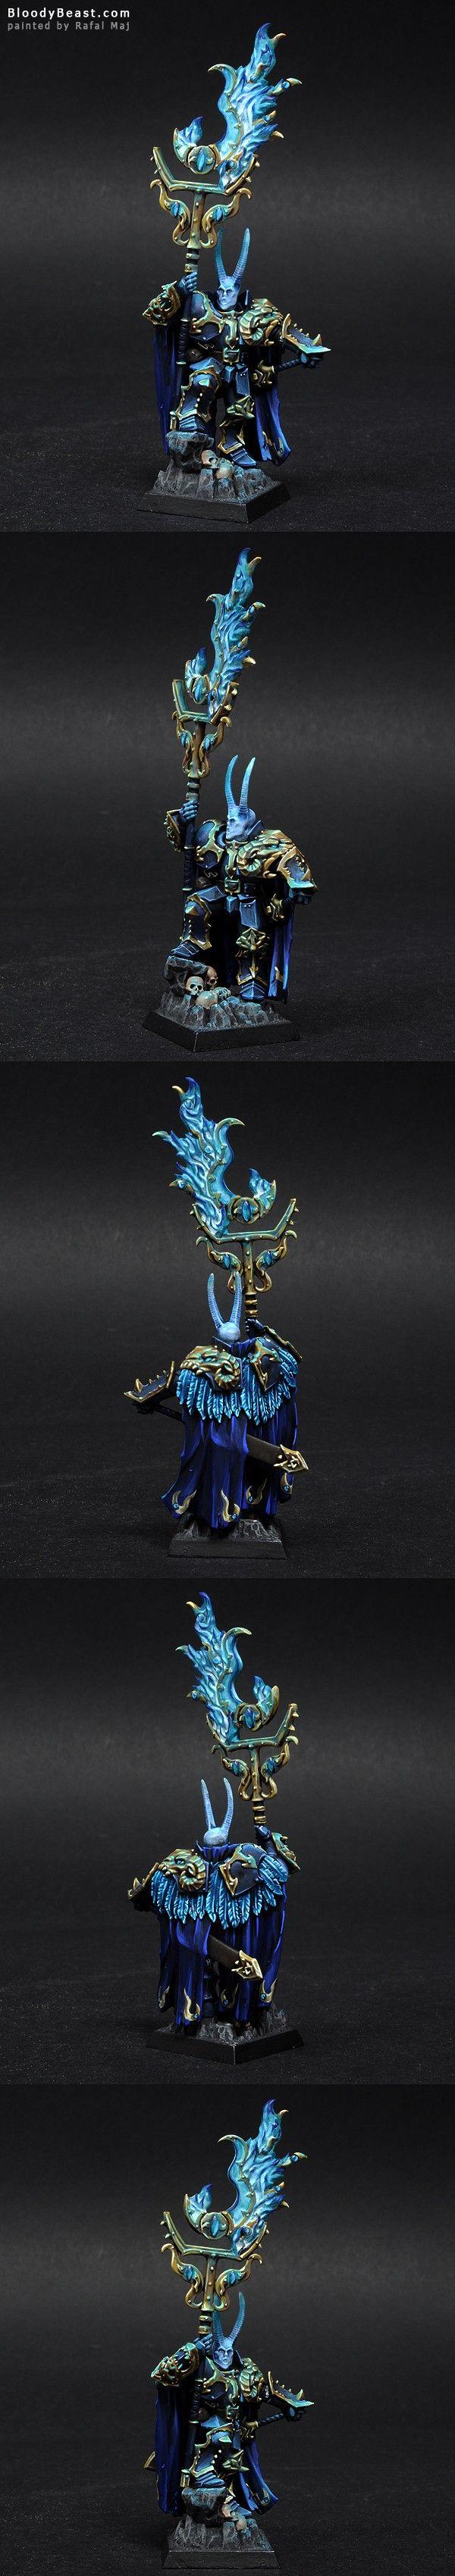 Chaos Lord of Tzeentch, Sorcerer, Standard